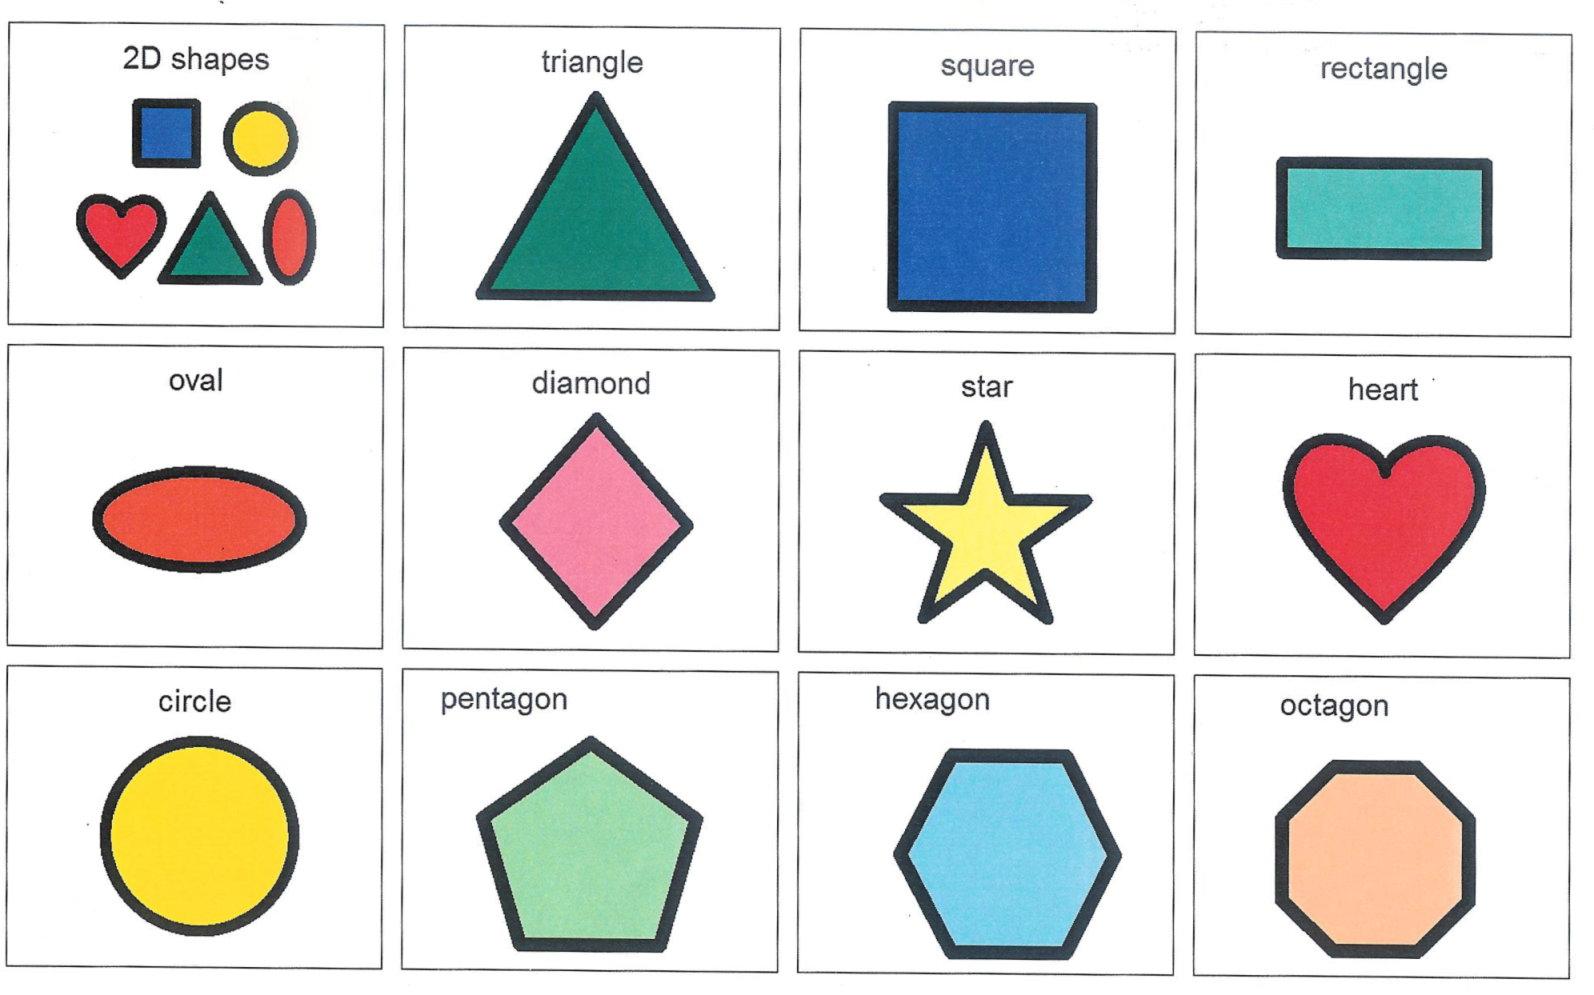 Key Stage 2 (Year3,Year6) はこれにプラスして、以下の図形の名前、特徴を学習します。 ・polygon ポリゴン(多角形)  ・regular quadrilateral (正四角形),